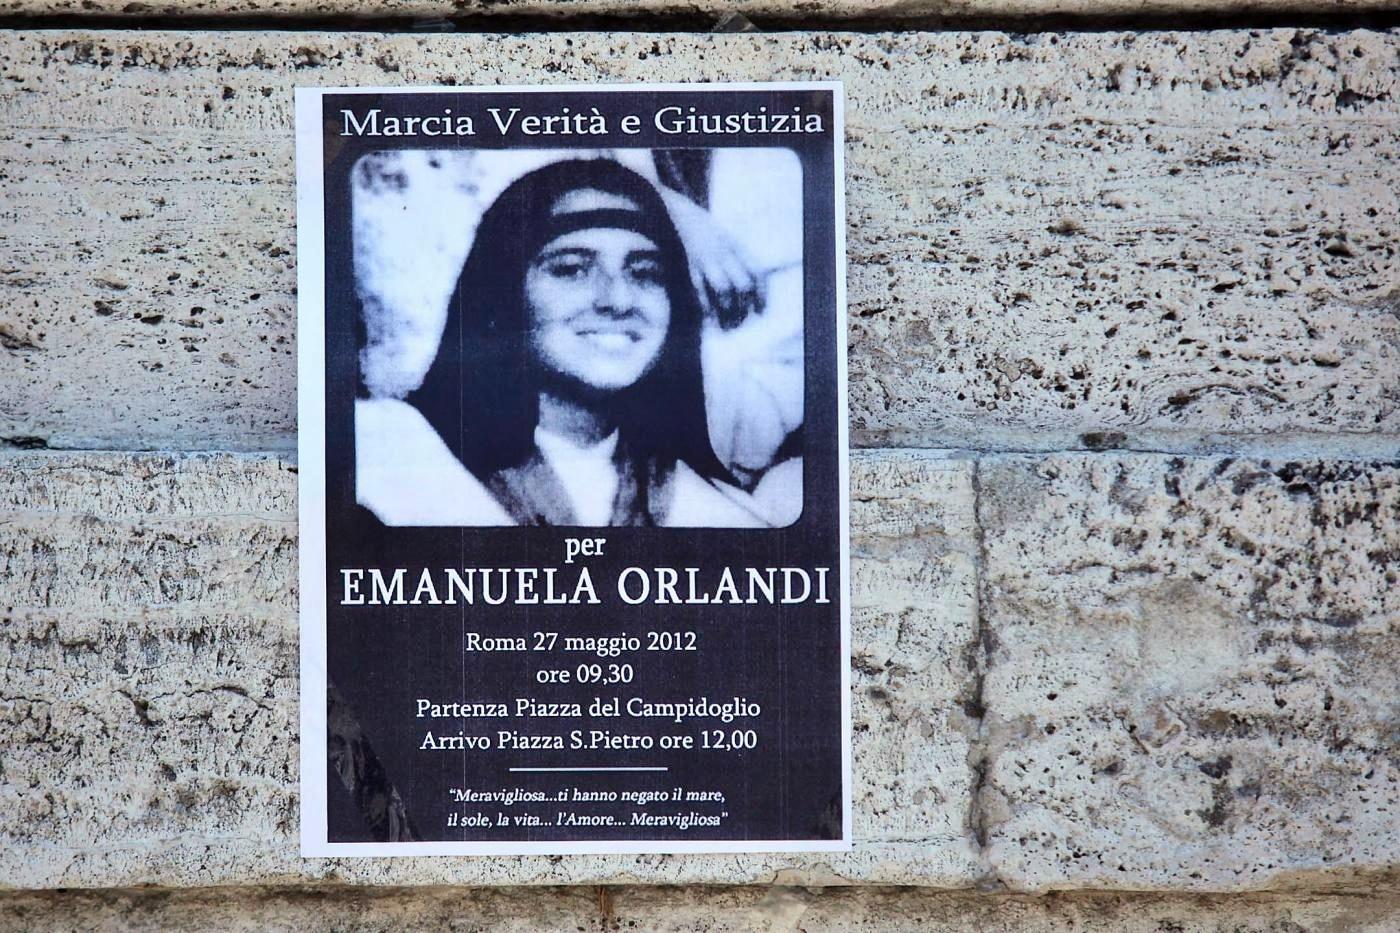 """Il fratello di Manuela Orlandi: """"Il muro sta cadendo"""". Vaticano: """"Il documento è falso e ridicolo"""""""